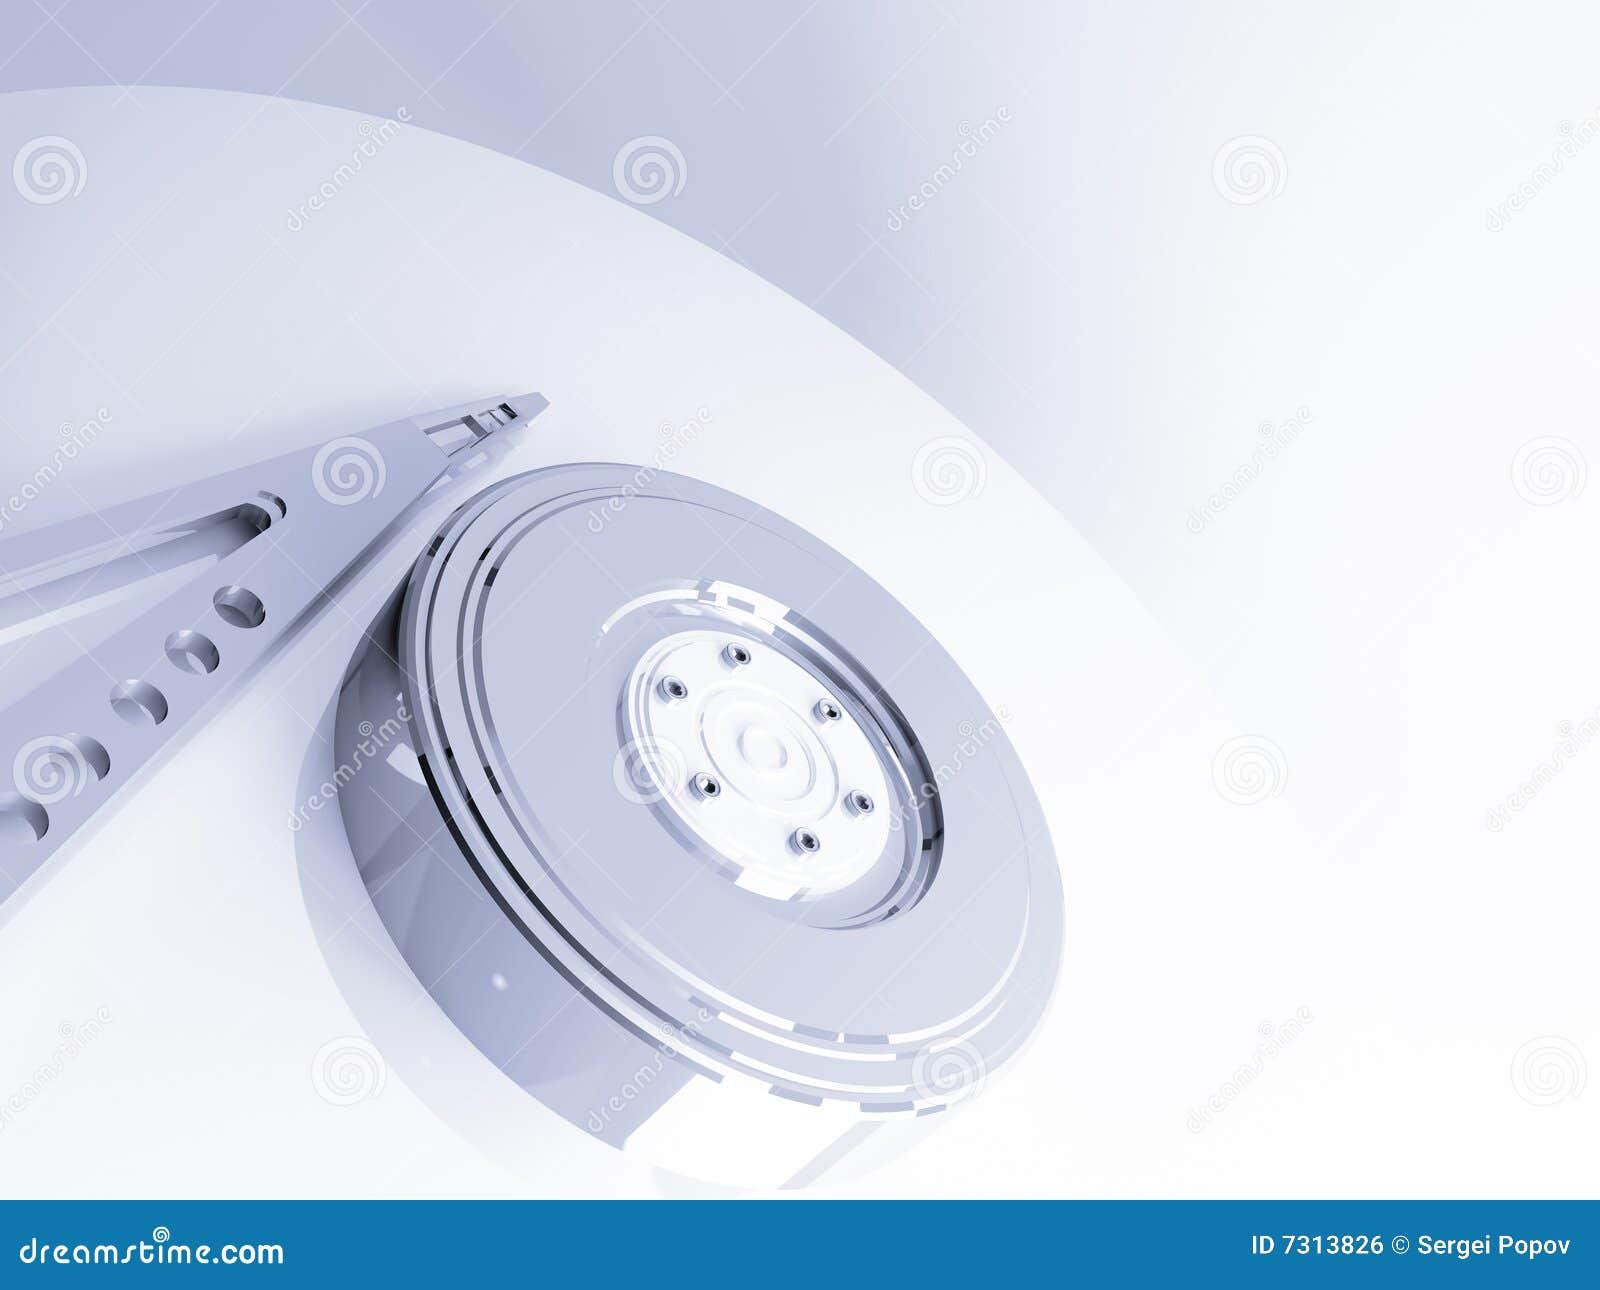 Disque dur image libre de droits image 7313826 for Disque dur exterieur